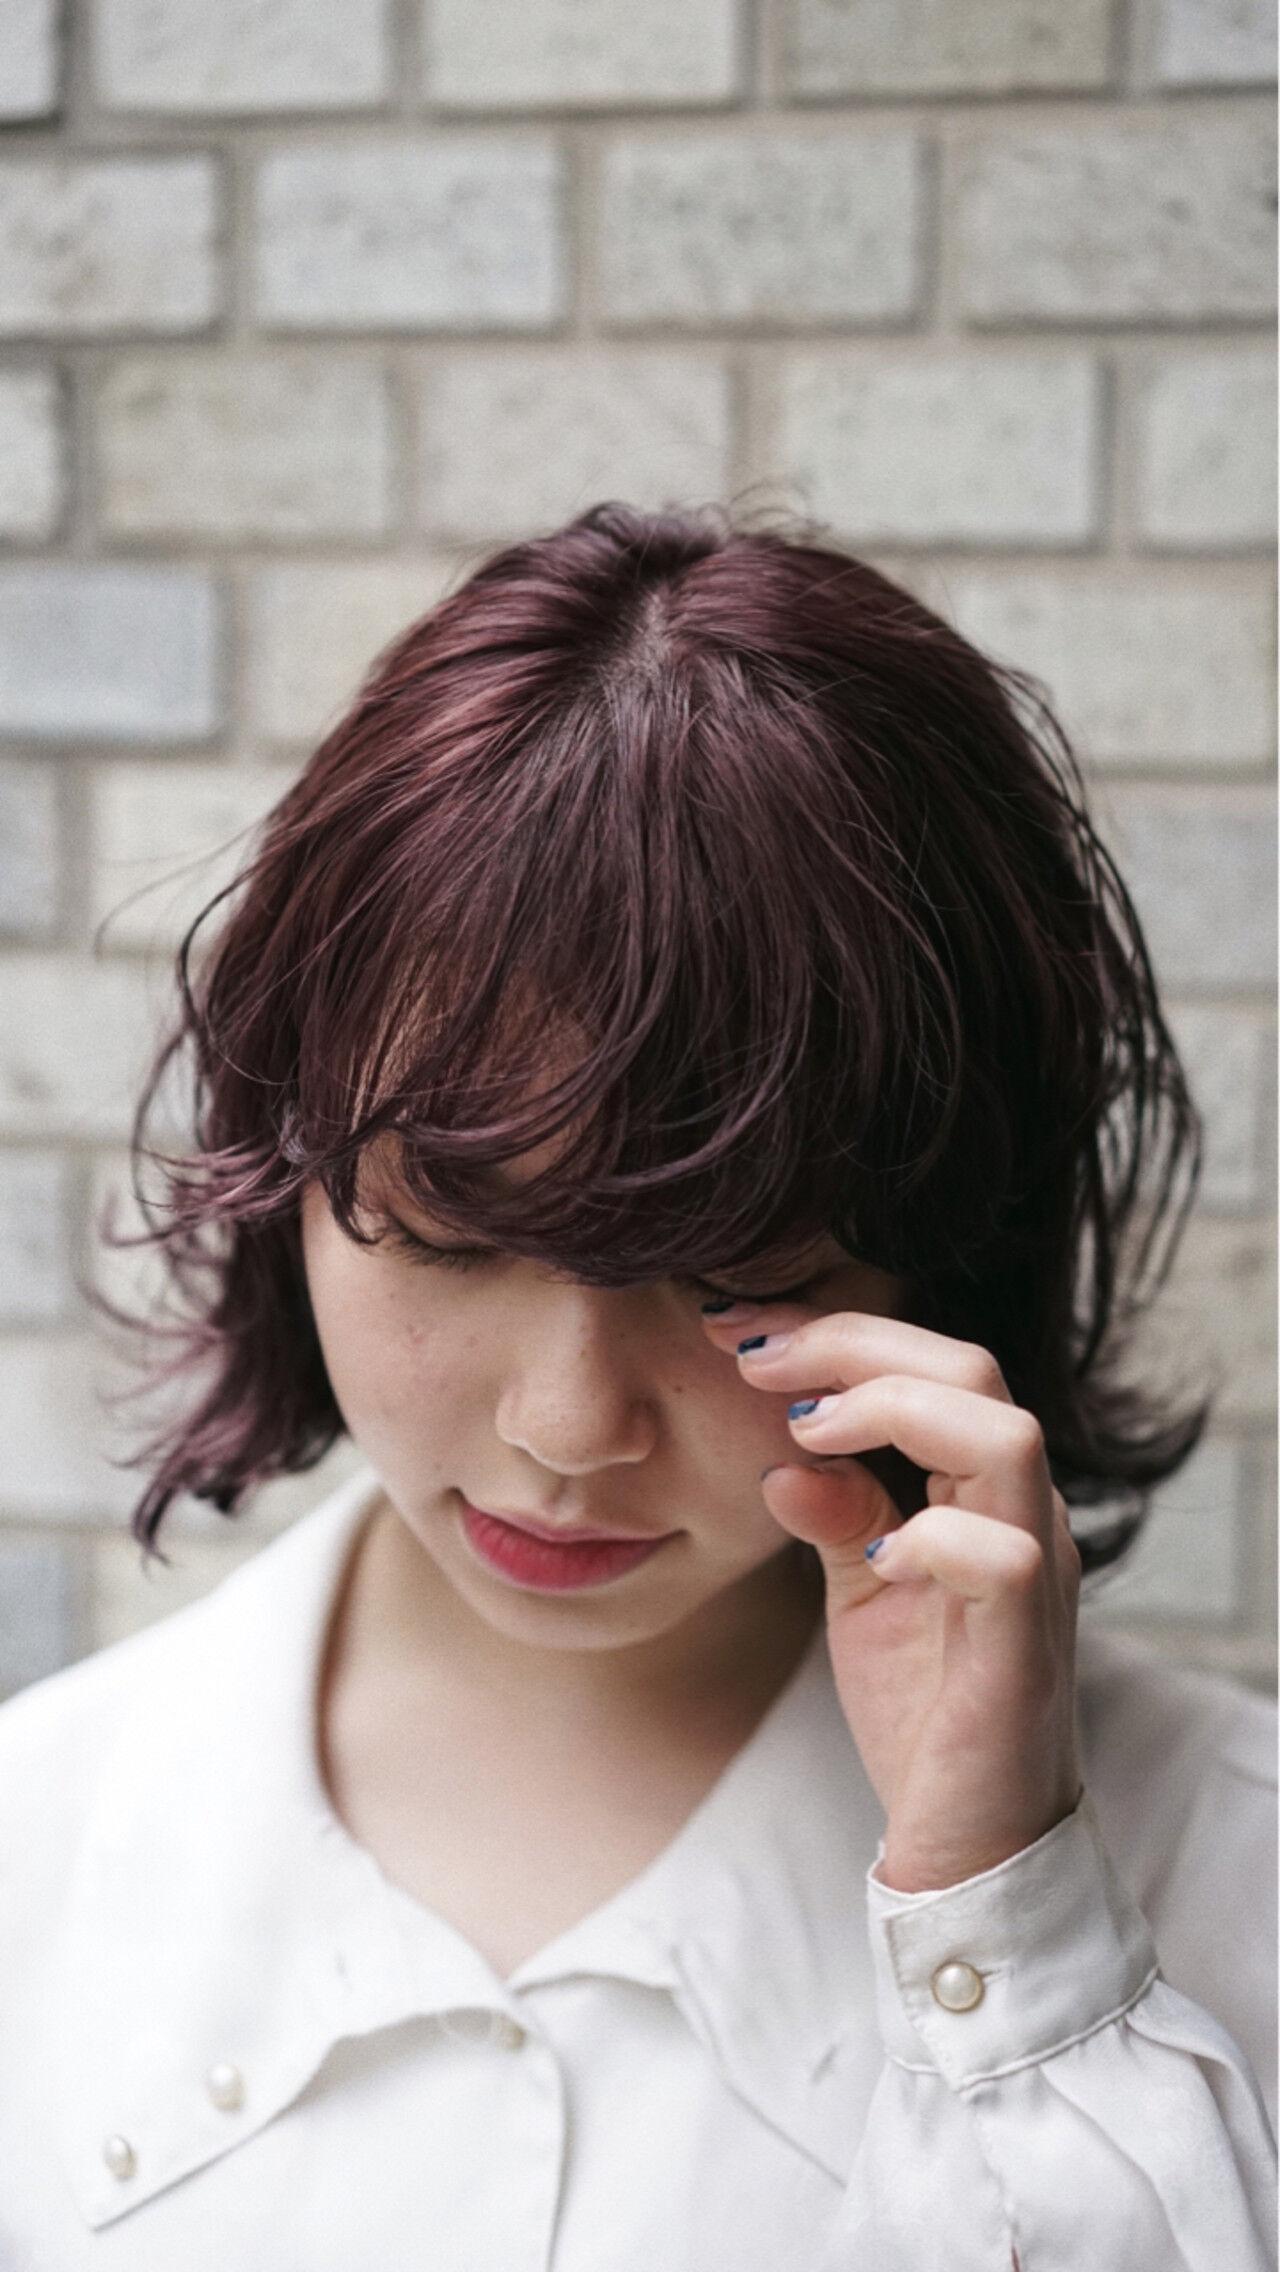 ピンク ミディアム ウルフカット ガーリーヘアスタイルや髪型の写真・画像